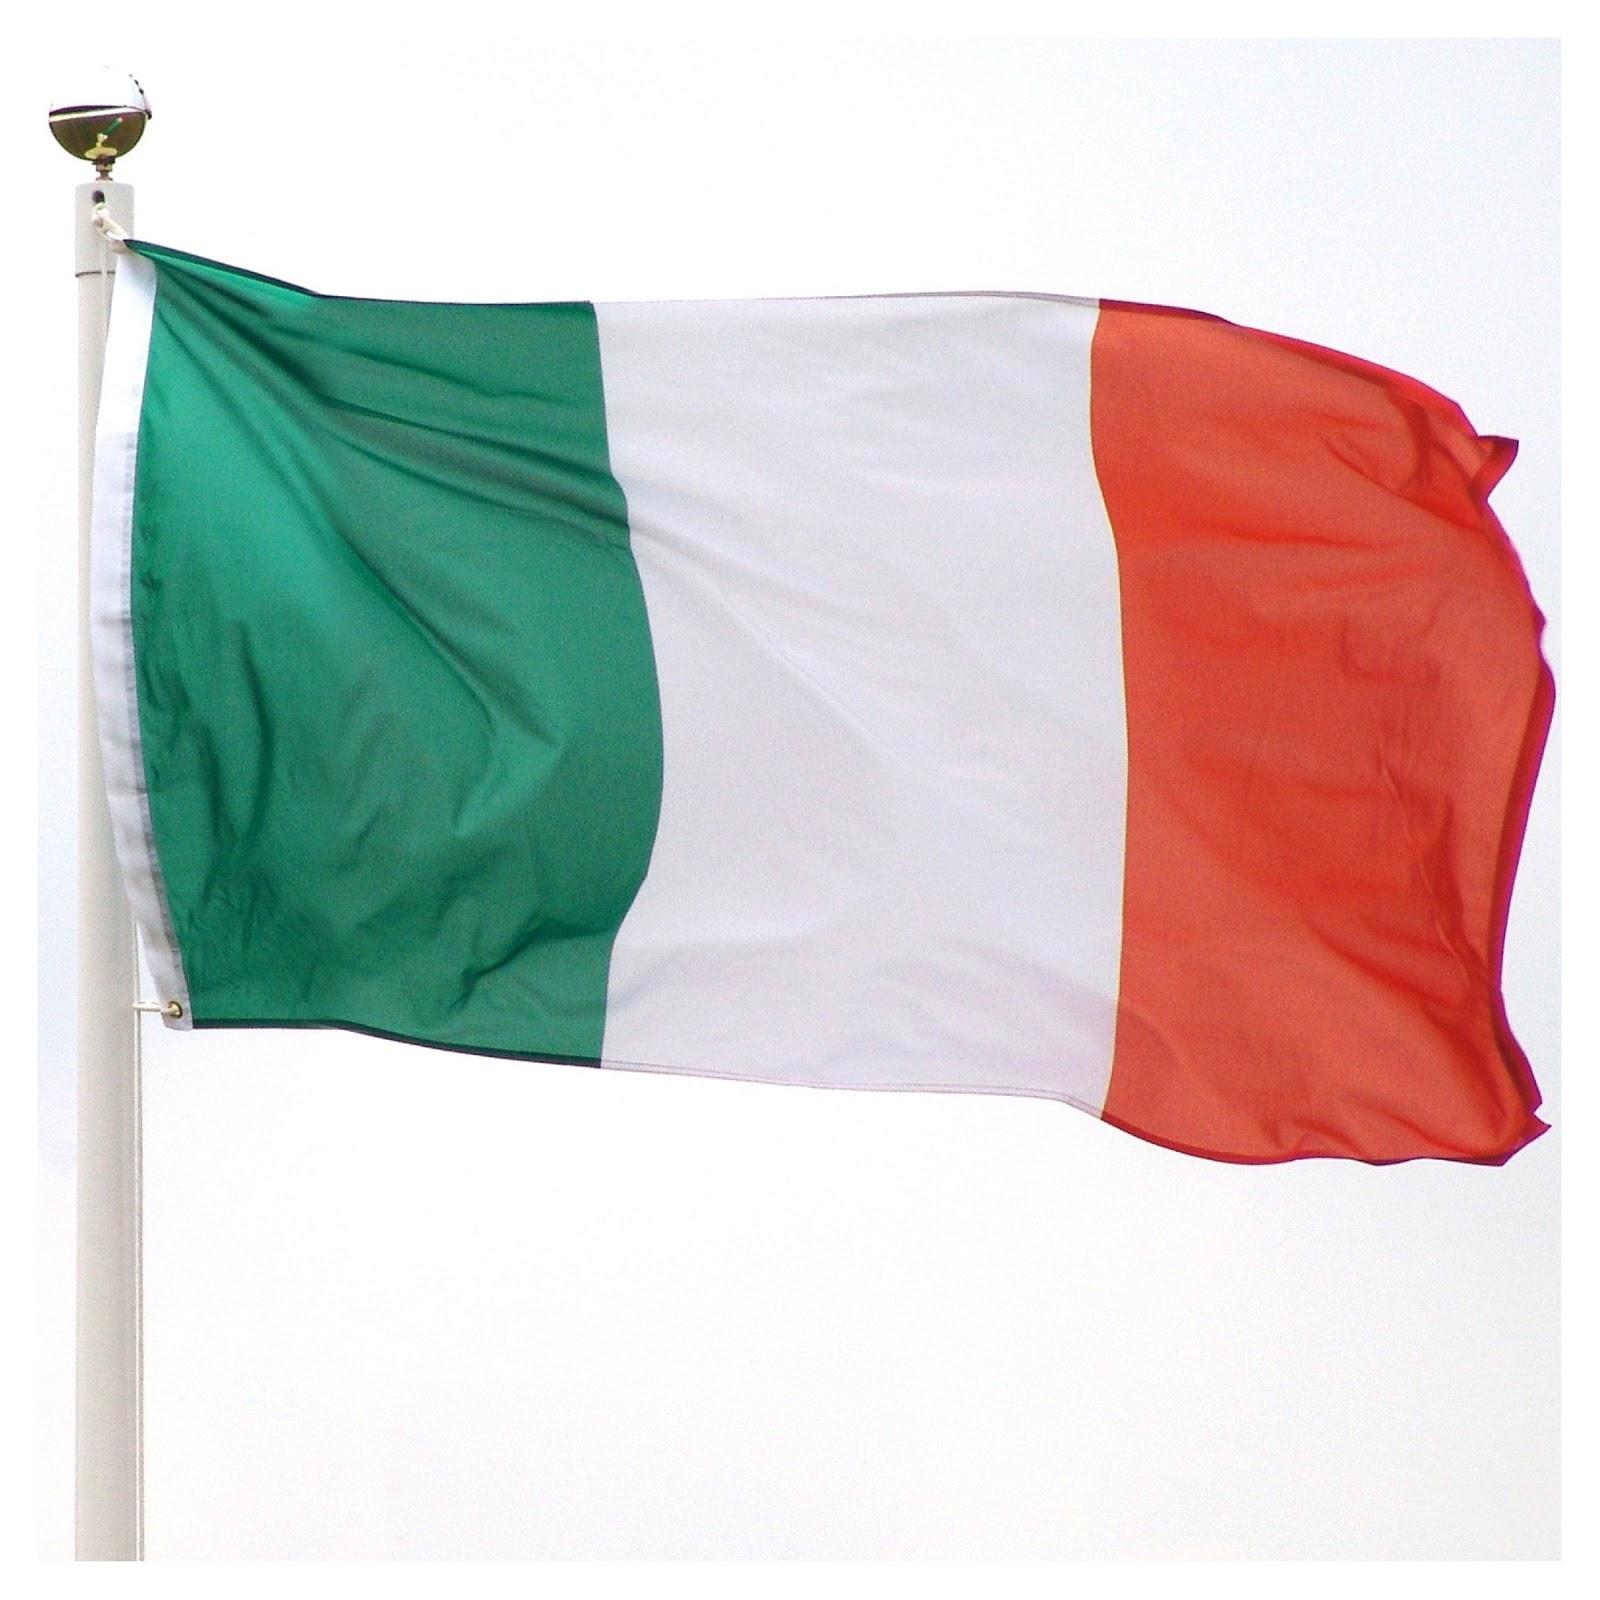 graafix irish flag of ireland flags